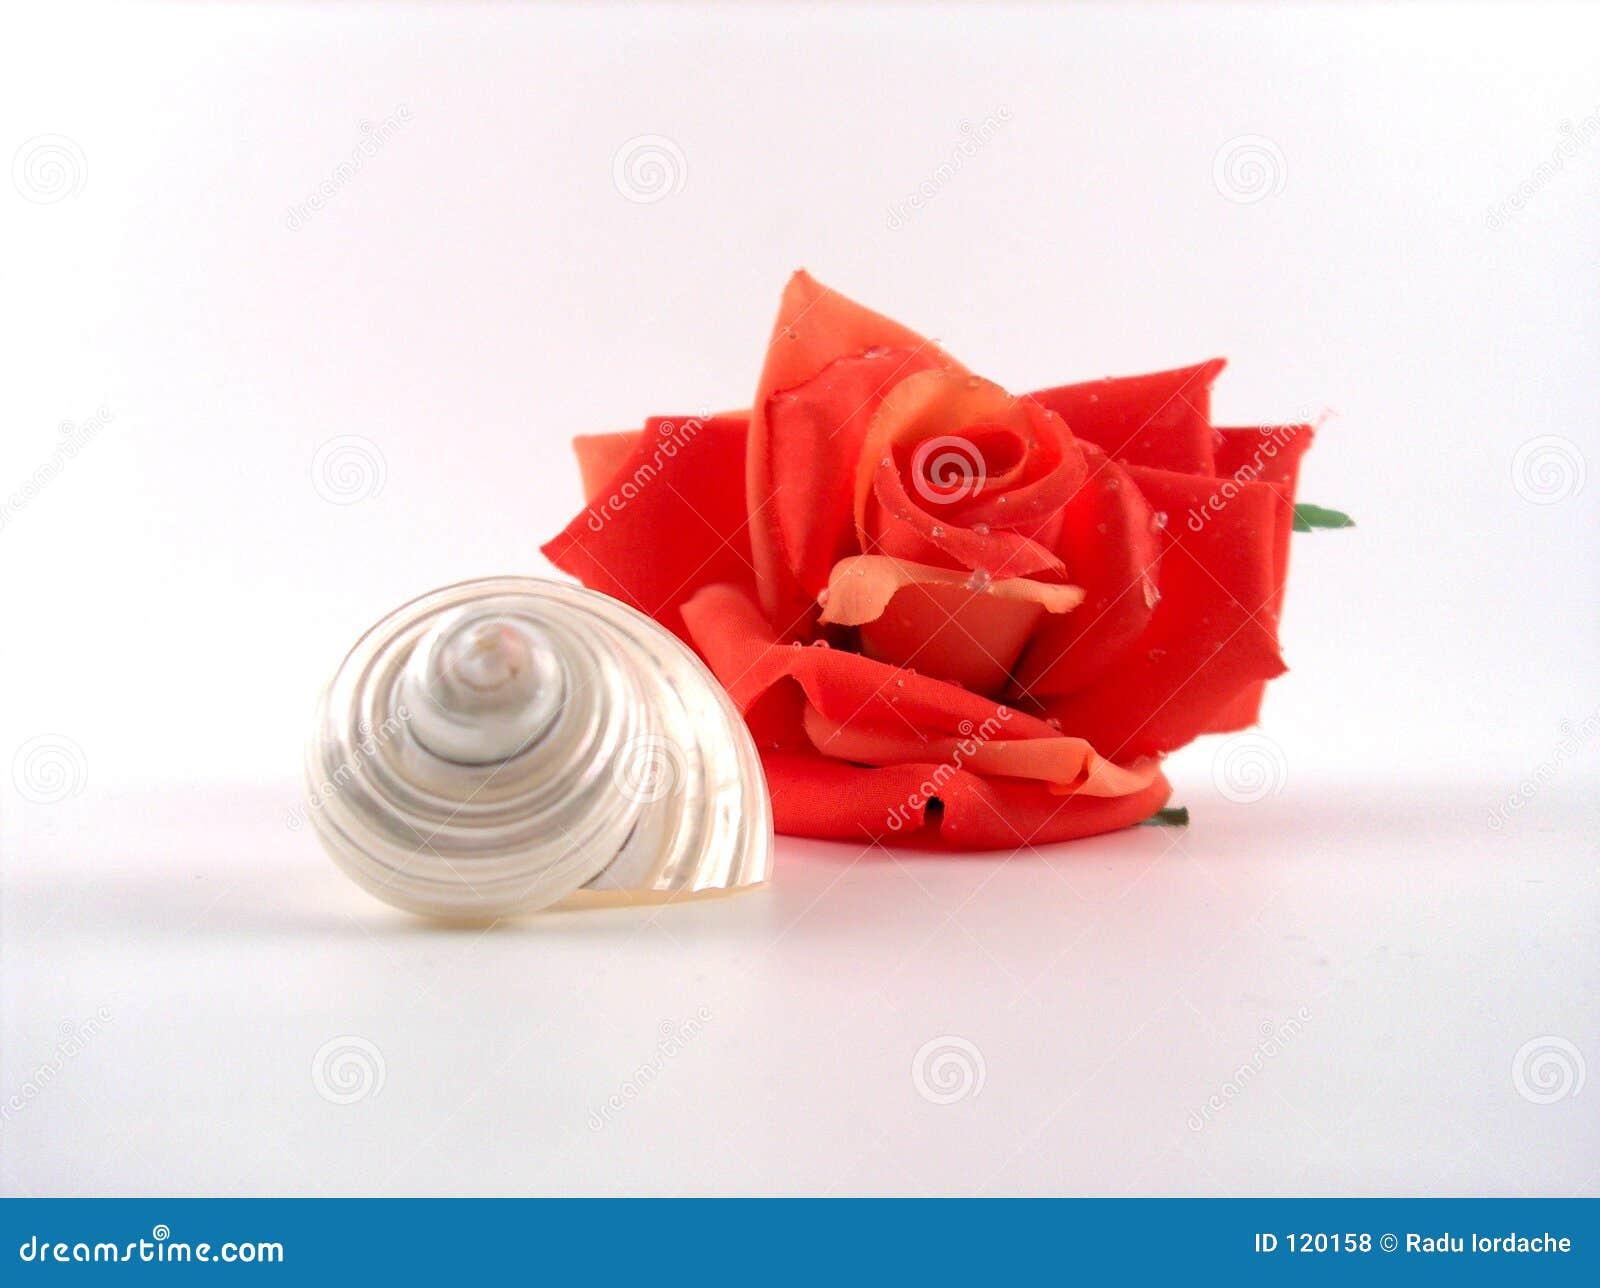 Rose skorupę,